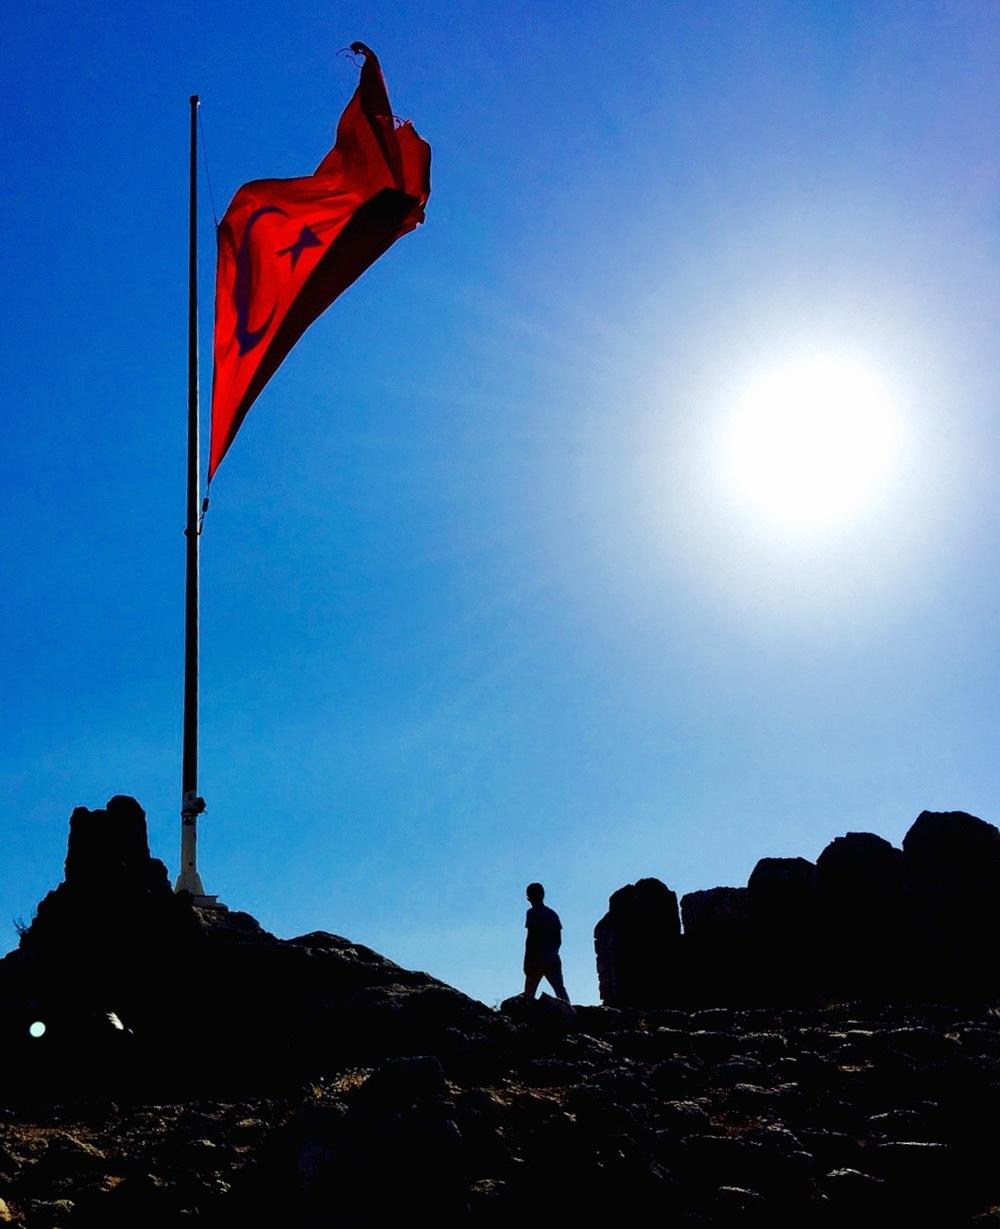 Turkish flag, Turkey - 3 Days*